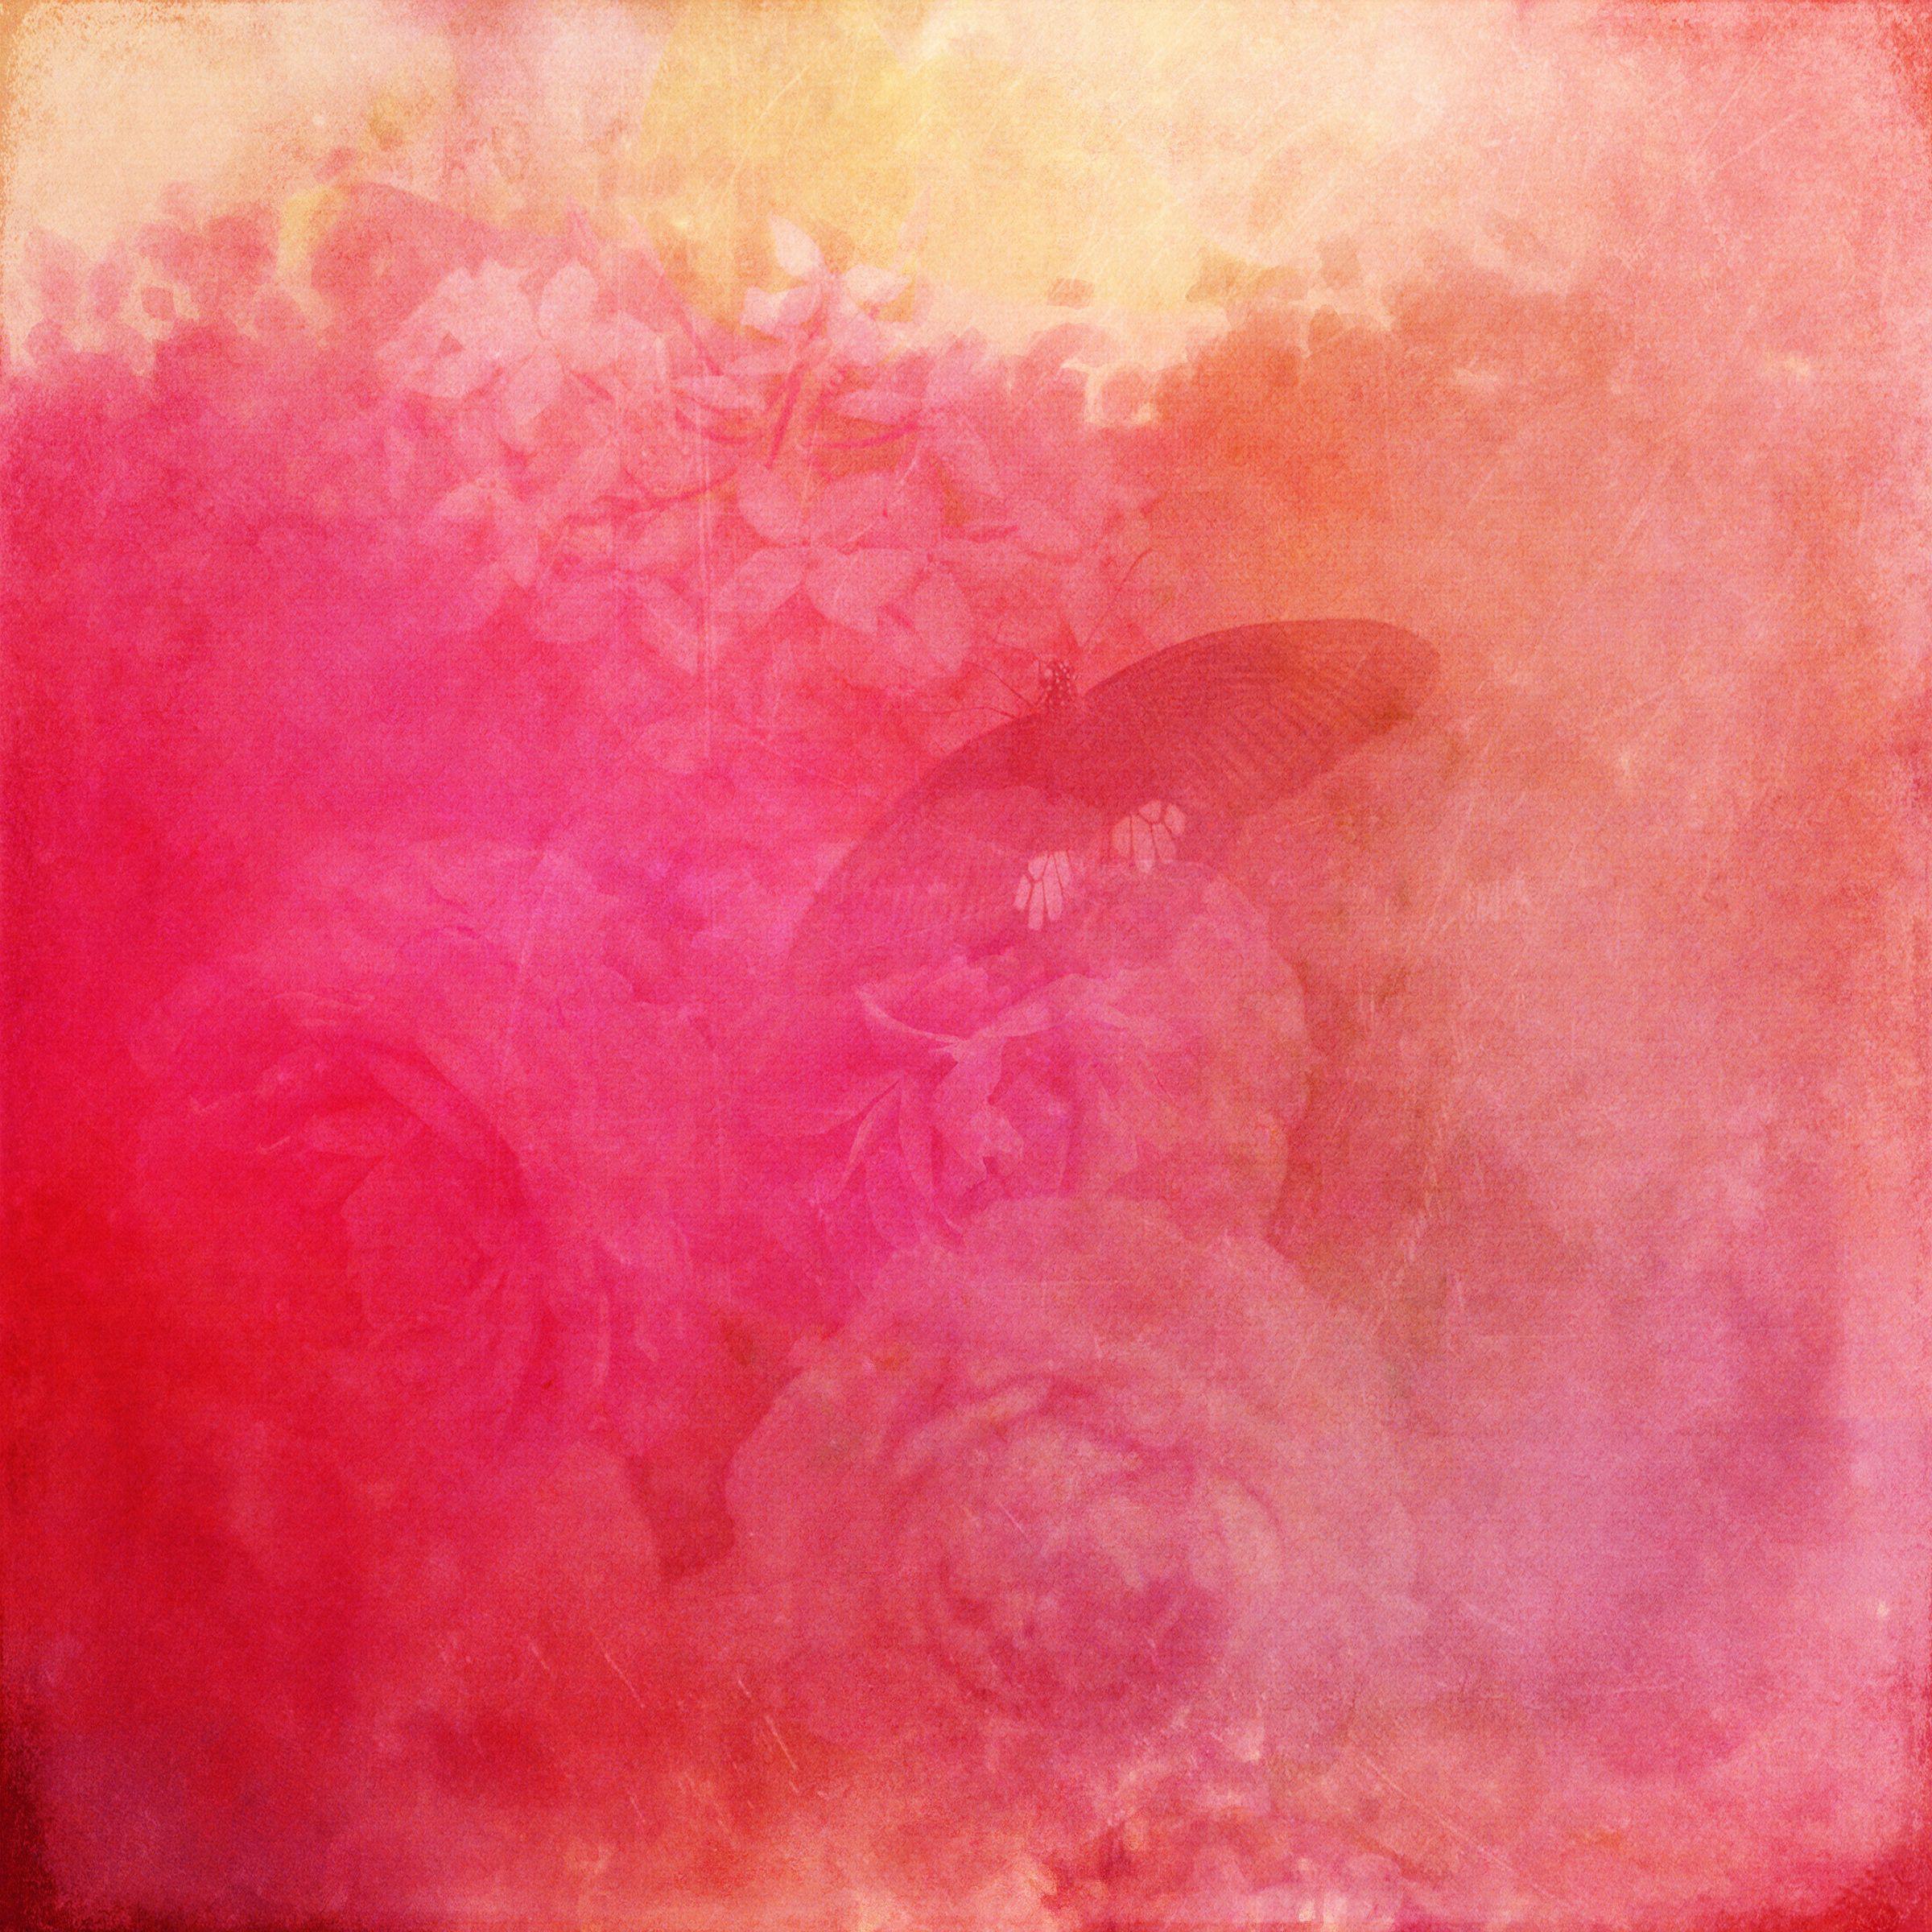 108777 Hintergrundbild herunterladen Papier, Rosa, Blume, Textur, Texturen, Schmetterling - Bildschirmschoner und Bilder kostenlos